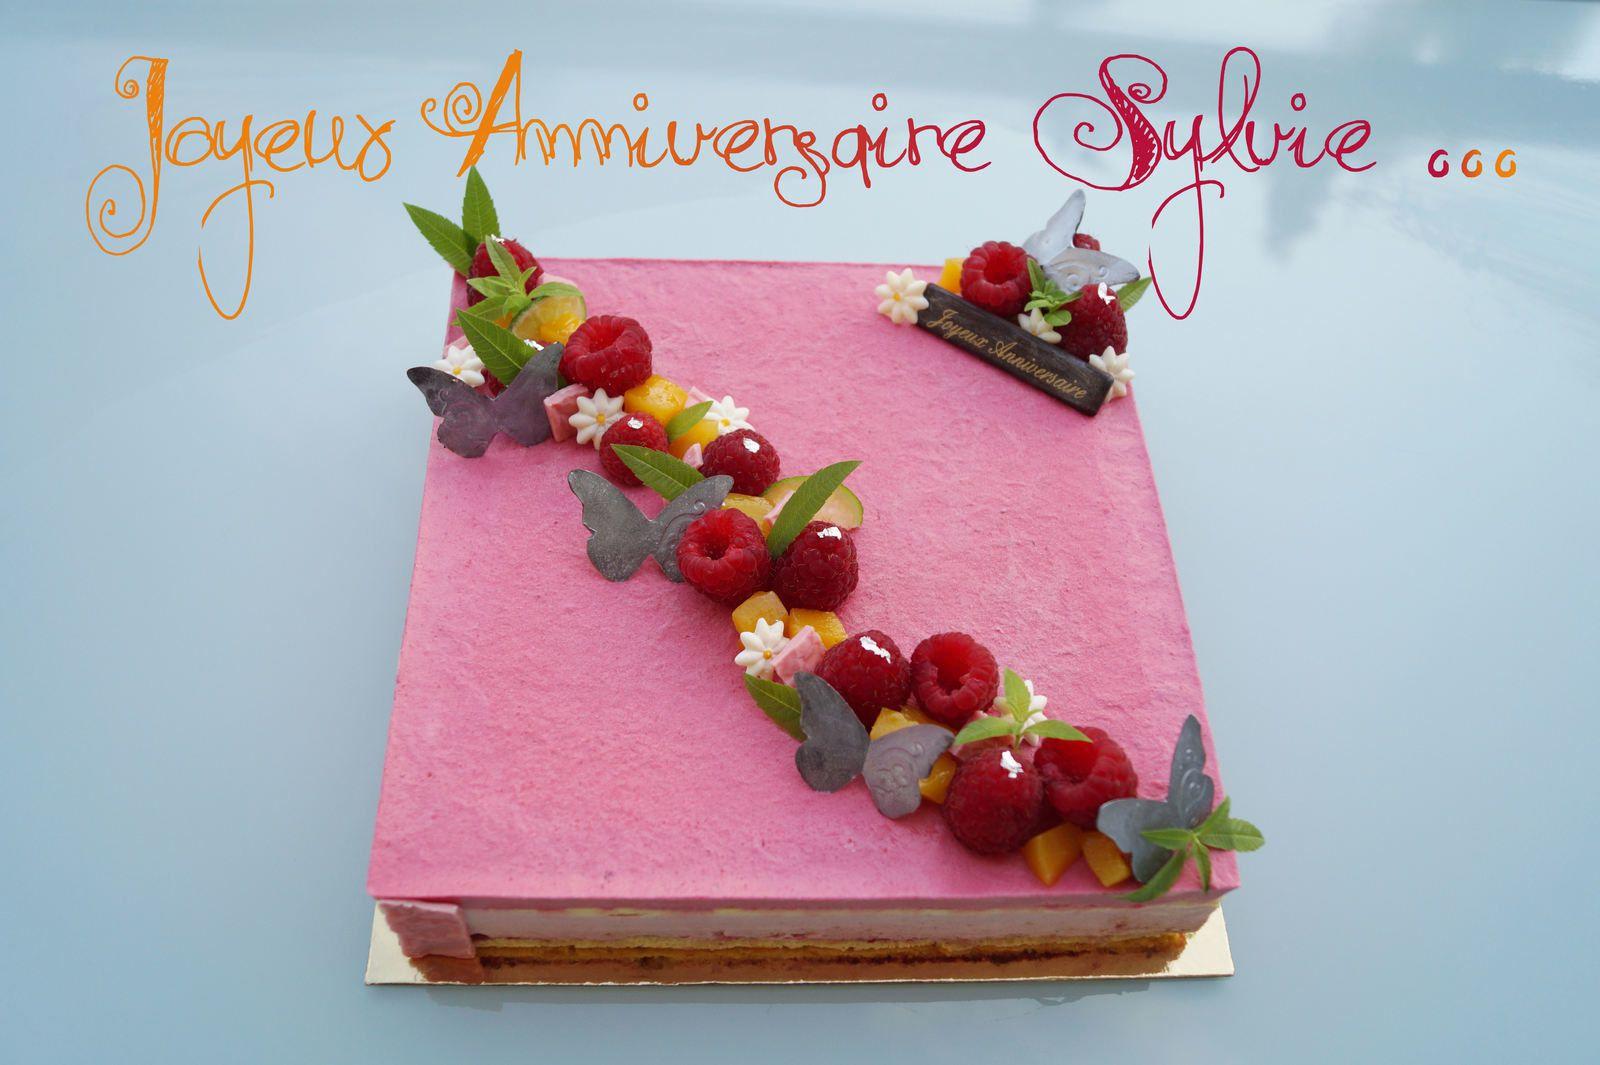 Joyeux Anniversaire Sylvie Passionnement Gourmande